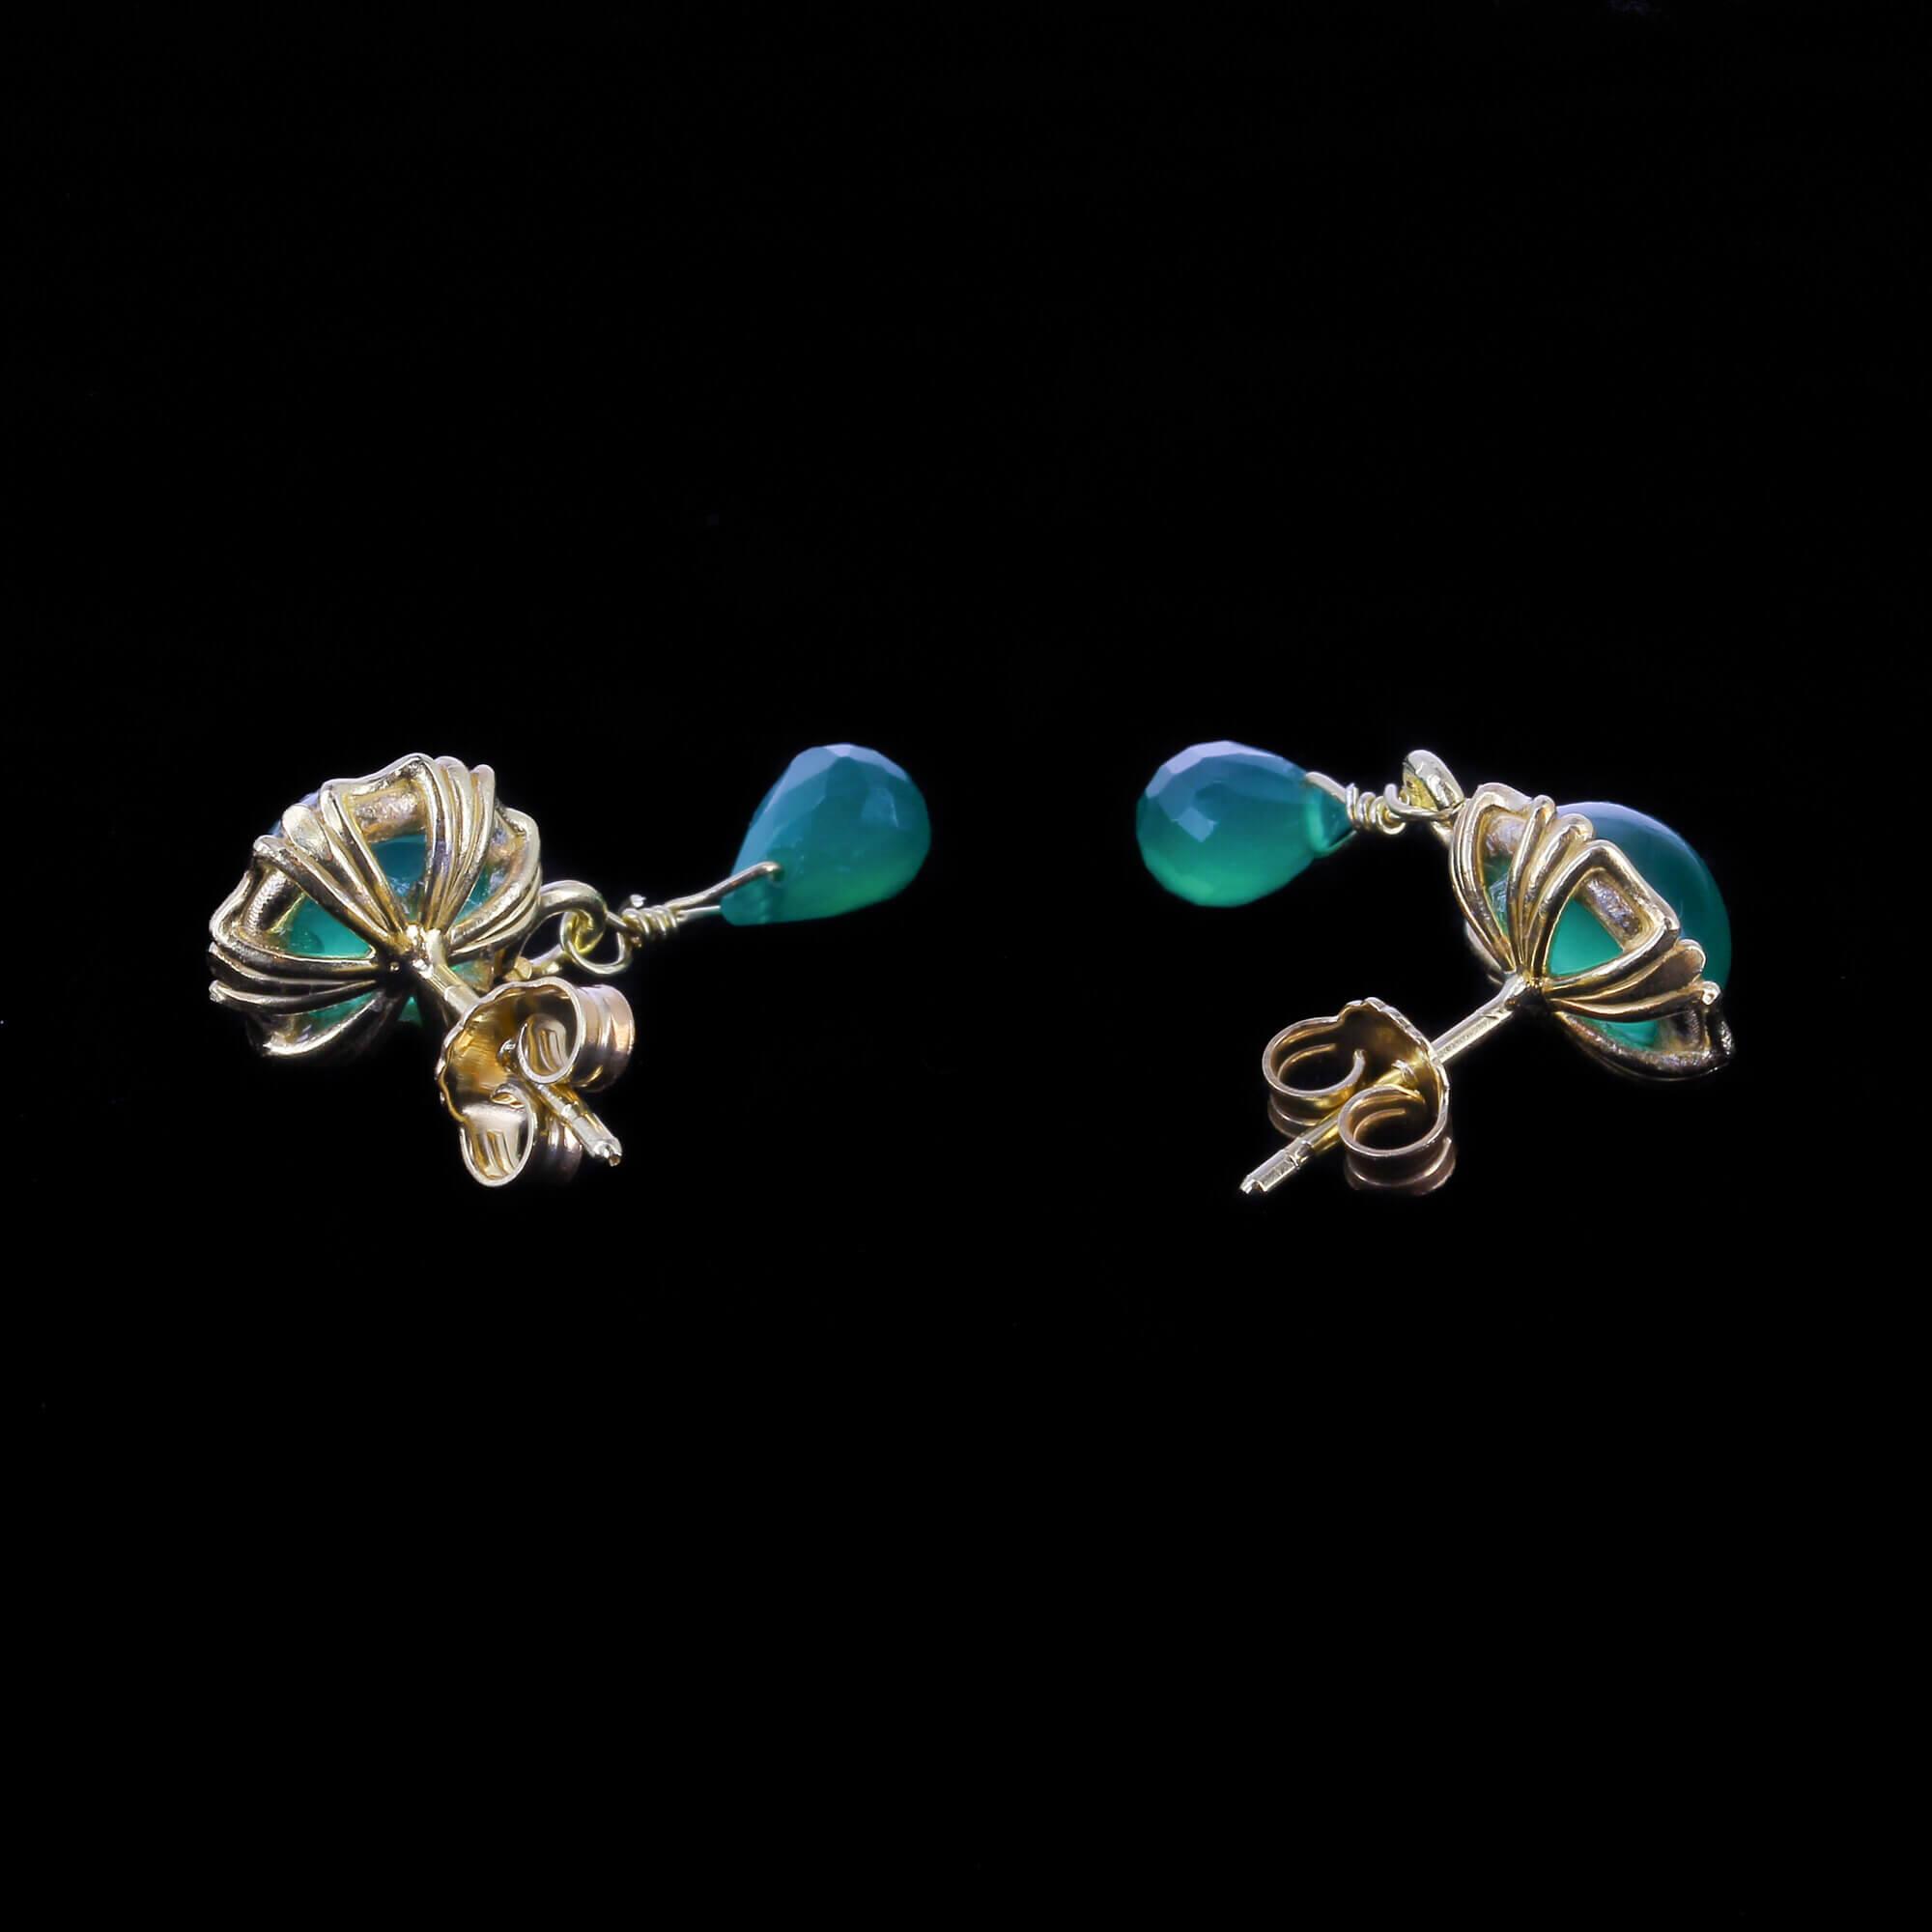 Vergulde en groene oorbellen met tourmalijn en agaat